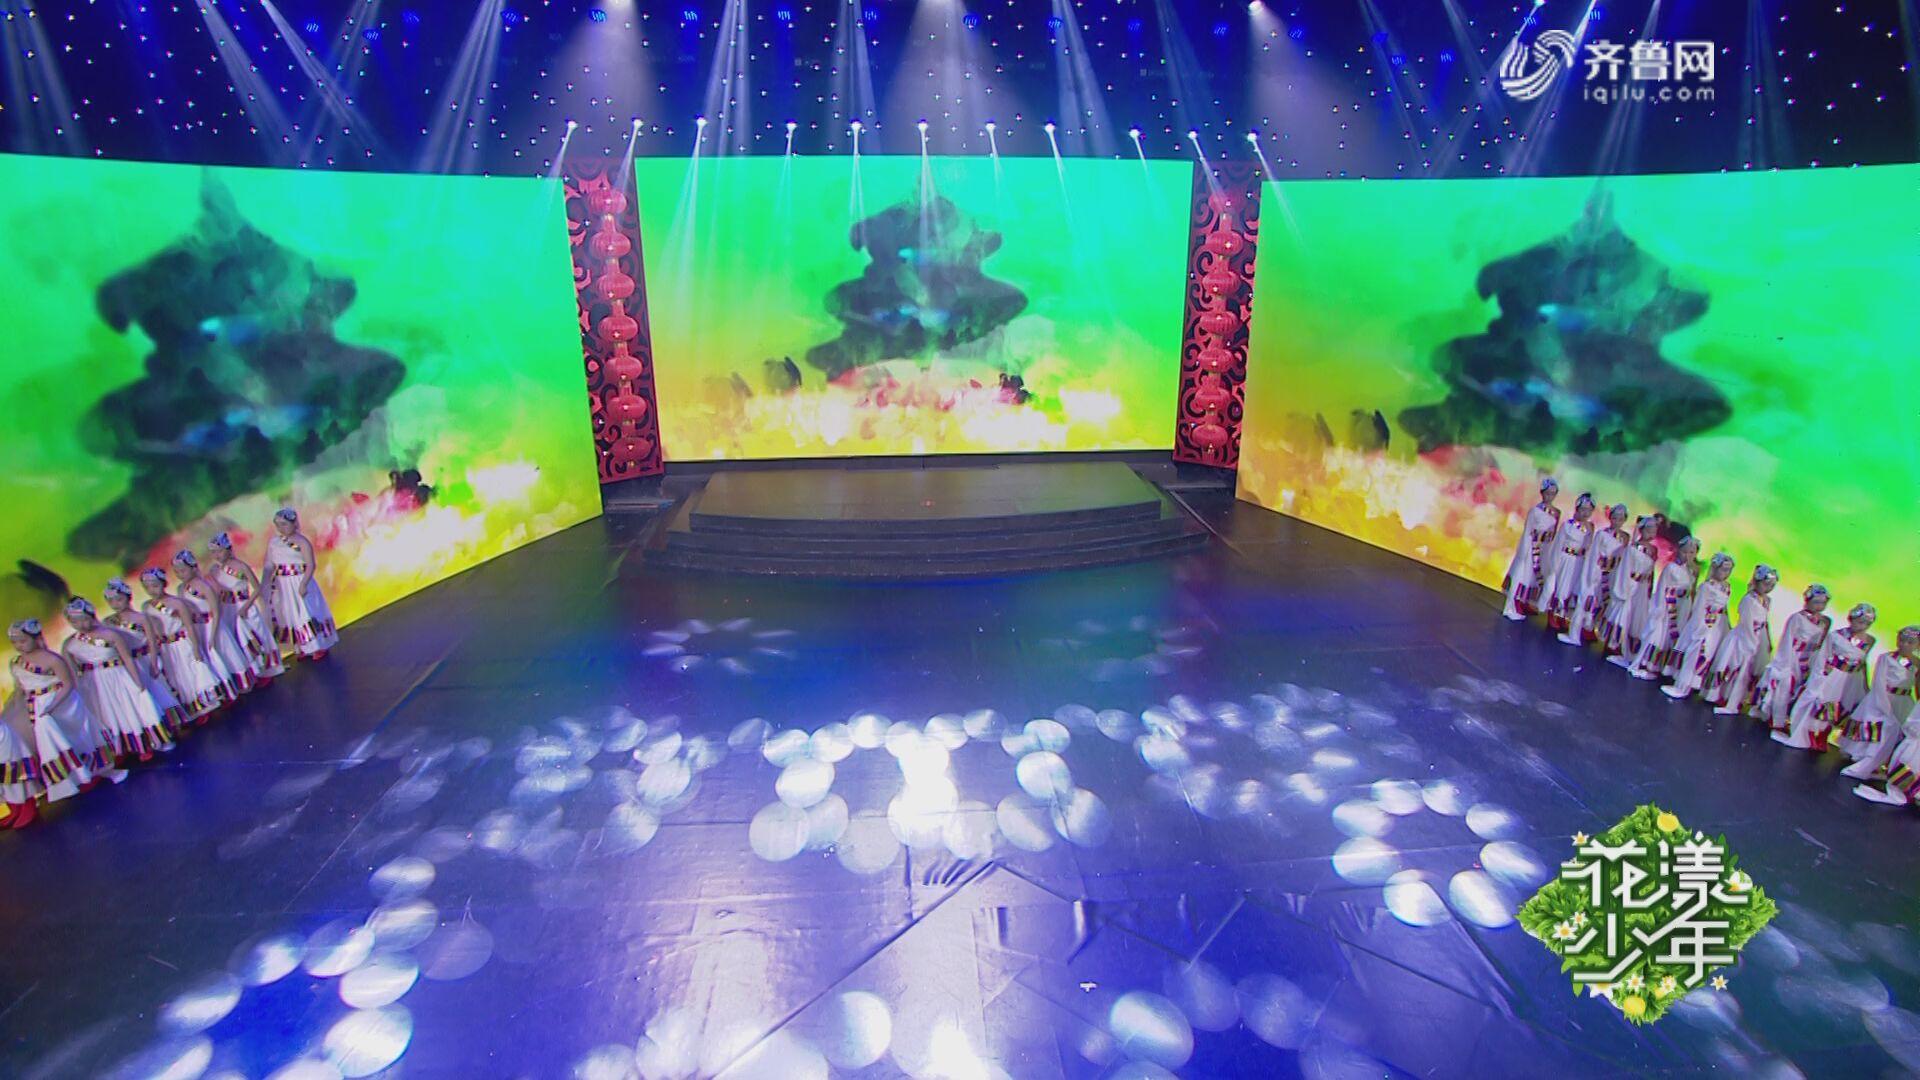 舞蹈《幸福家园》——2019山东广播电视台少儿春节大联欢优秀节目展播